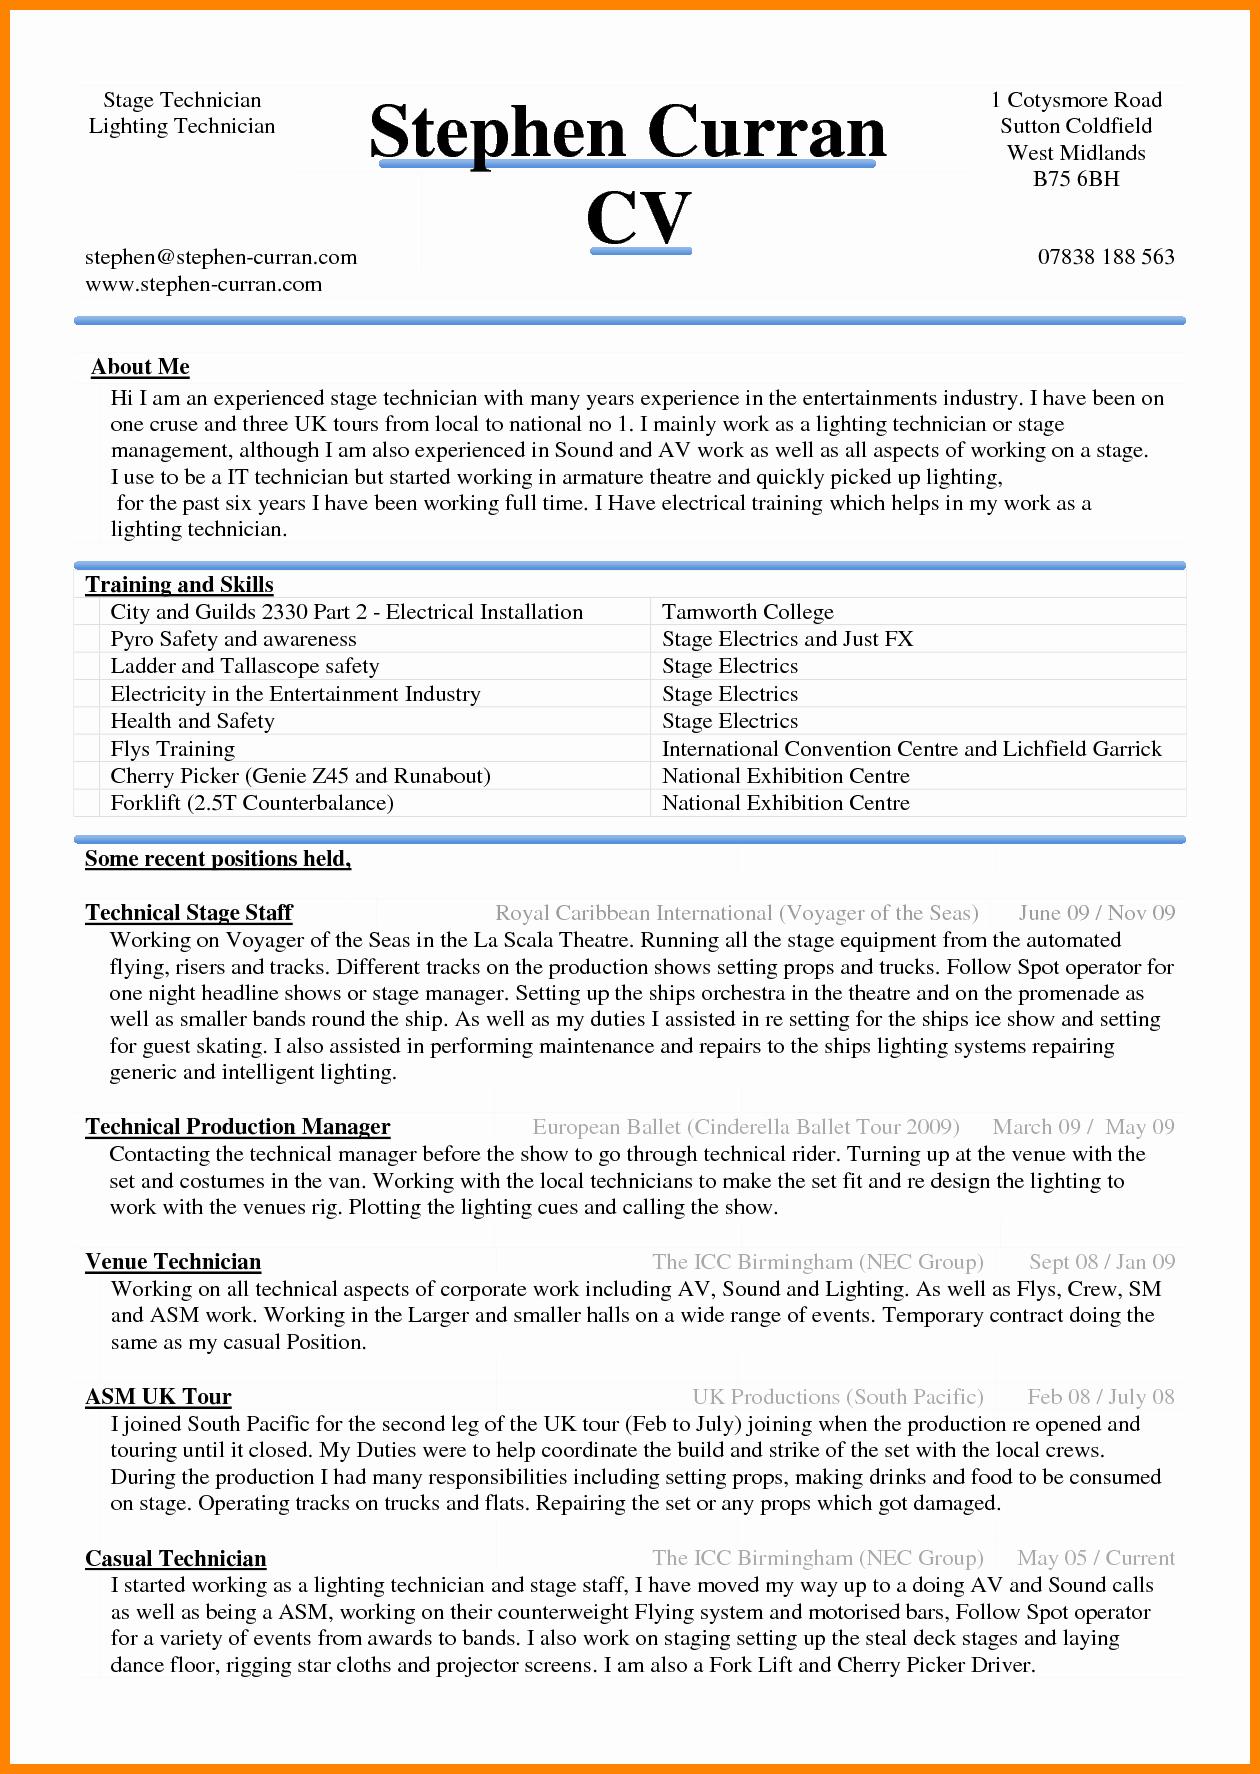 6 Curriculum Vitae In Ms Word